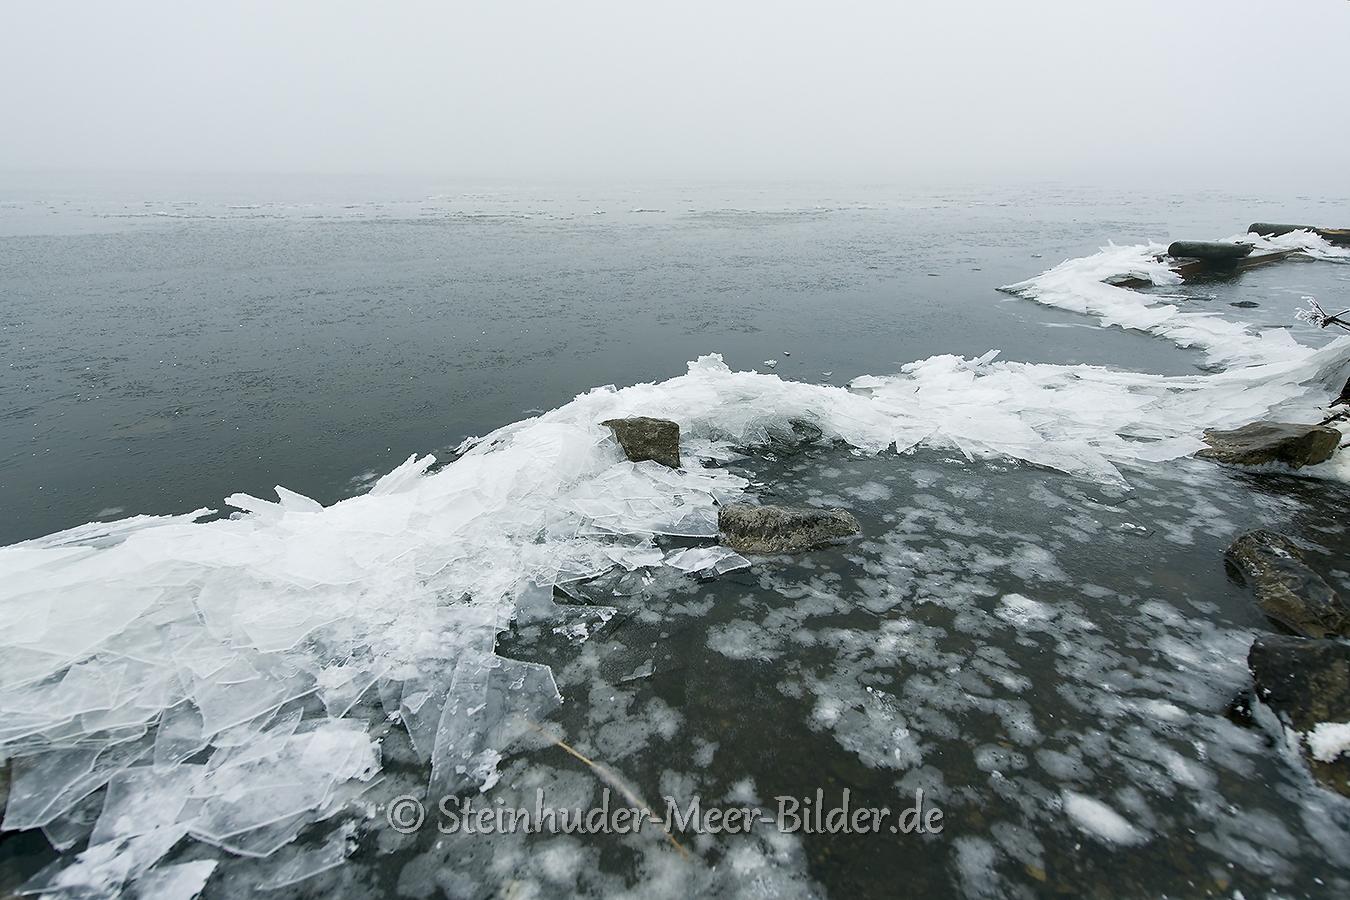 eisschollen-winter-steinhuder-meer-eisdecke-schnee-zugefroren-eisdeckedecke-naturpark-naturraum-region-A7RII-DSC01094